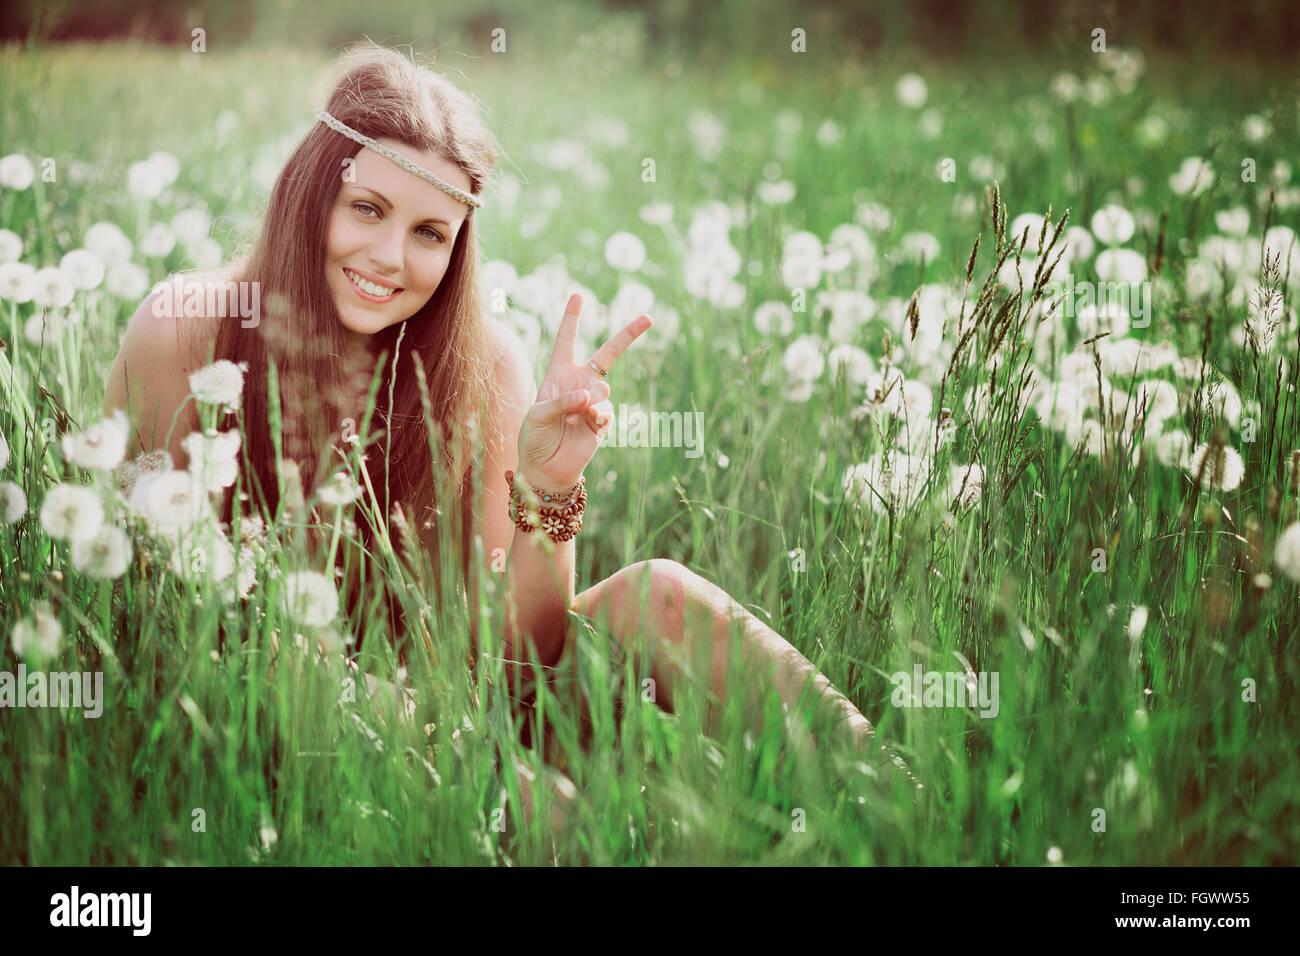 Signo de paz hippie libre sonriente . Naturaleza y armonía Imagen De Stock